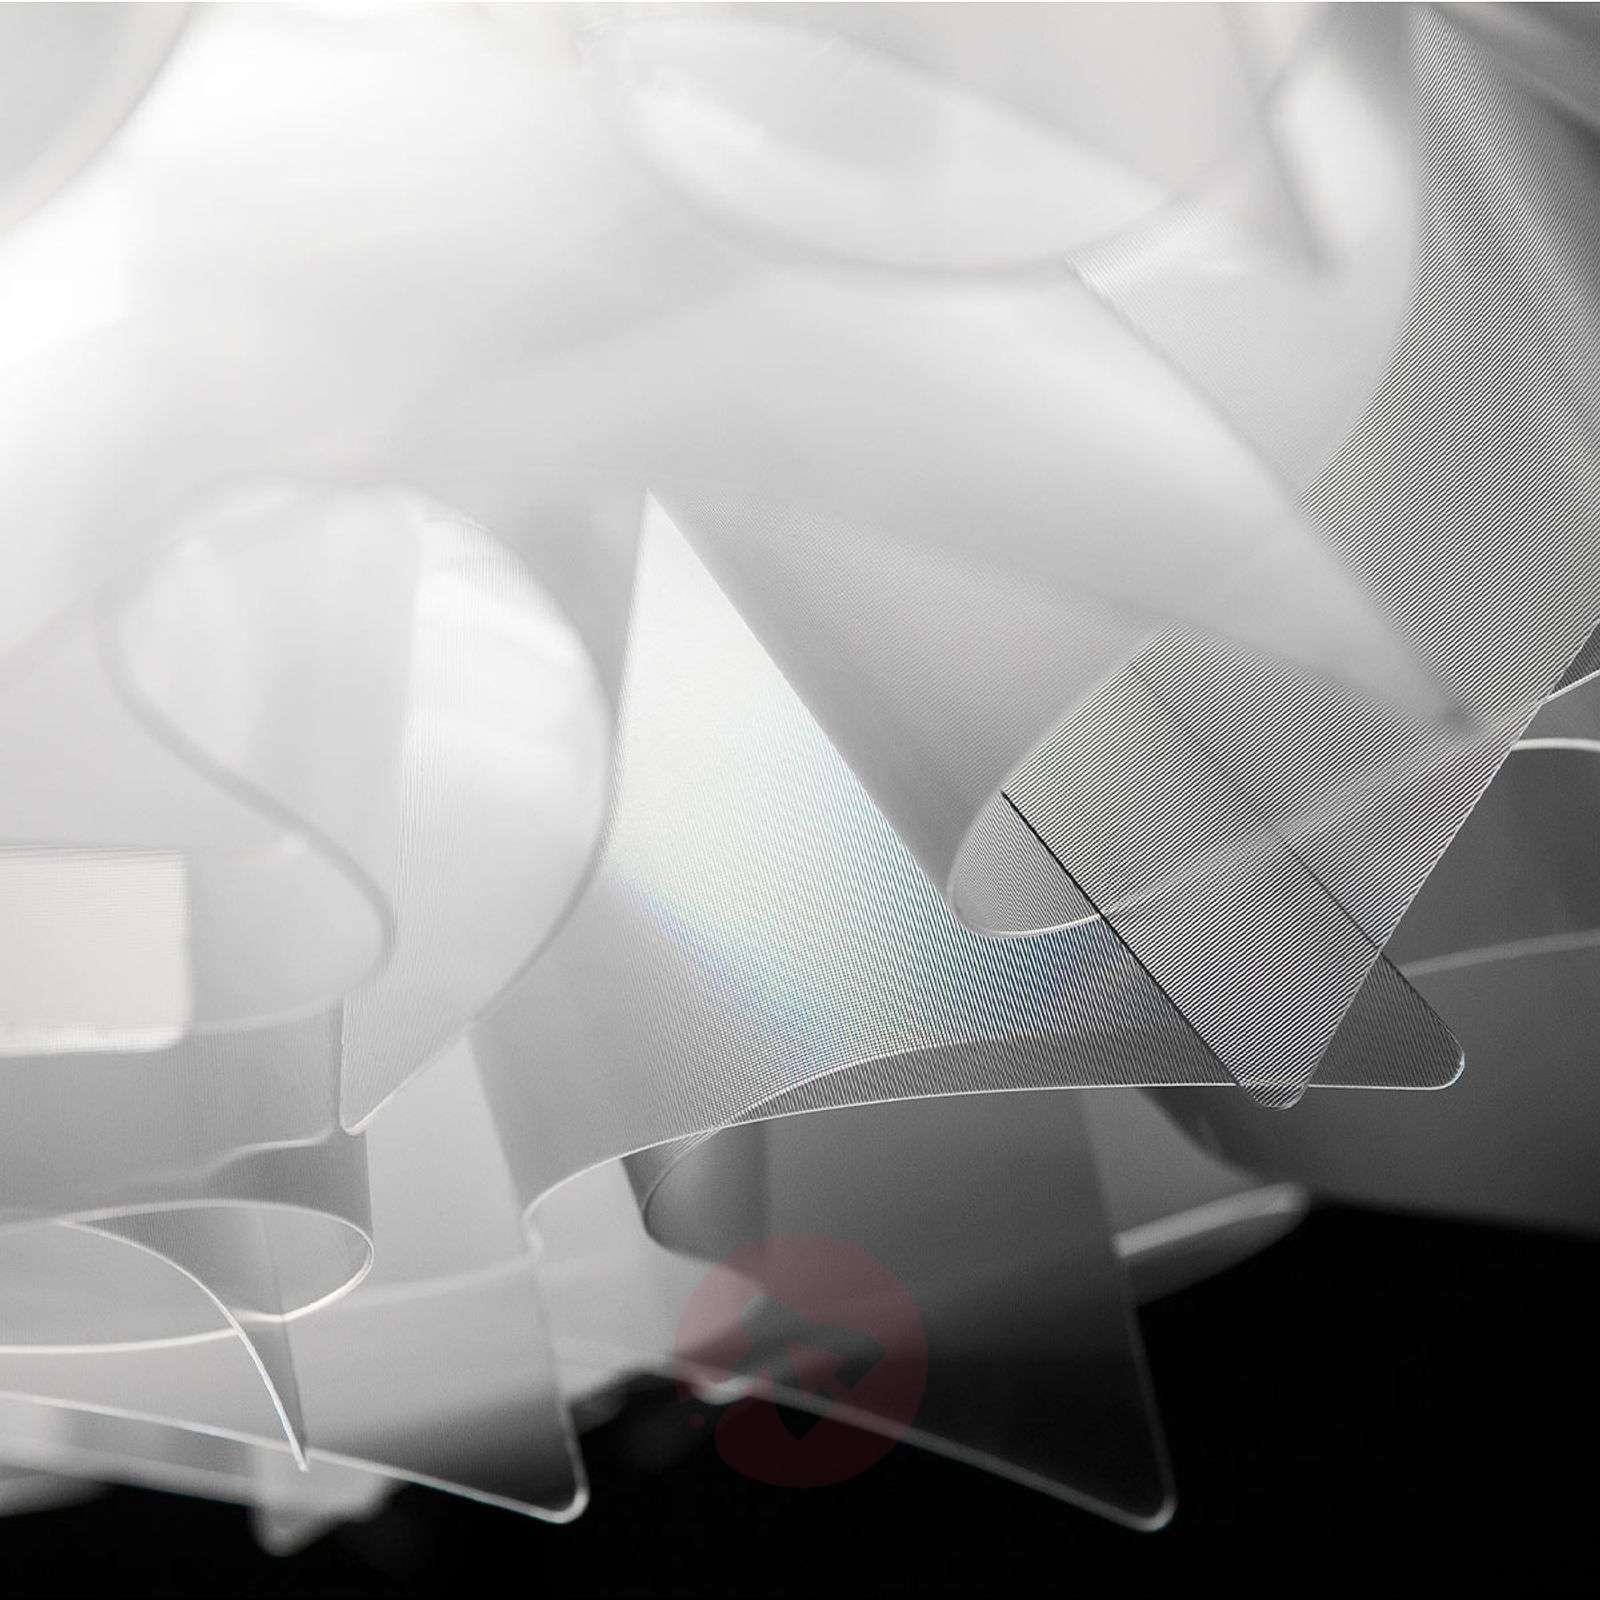 Loistelias riippuvalaisin Veli Prisma Large-8503195-01